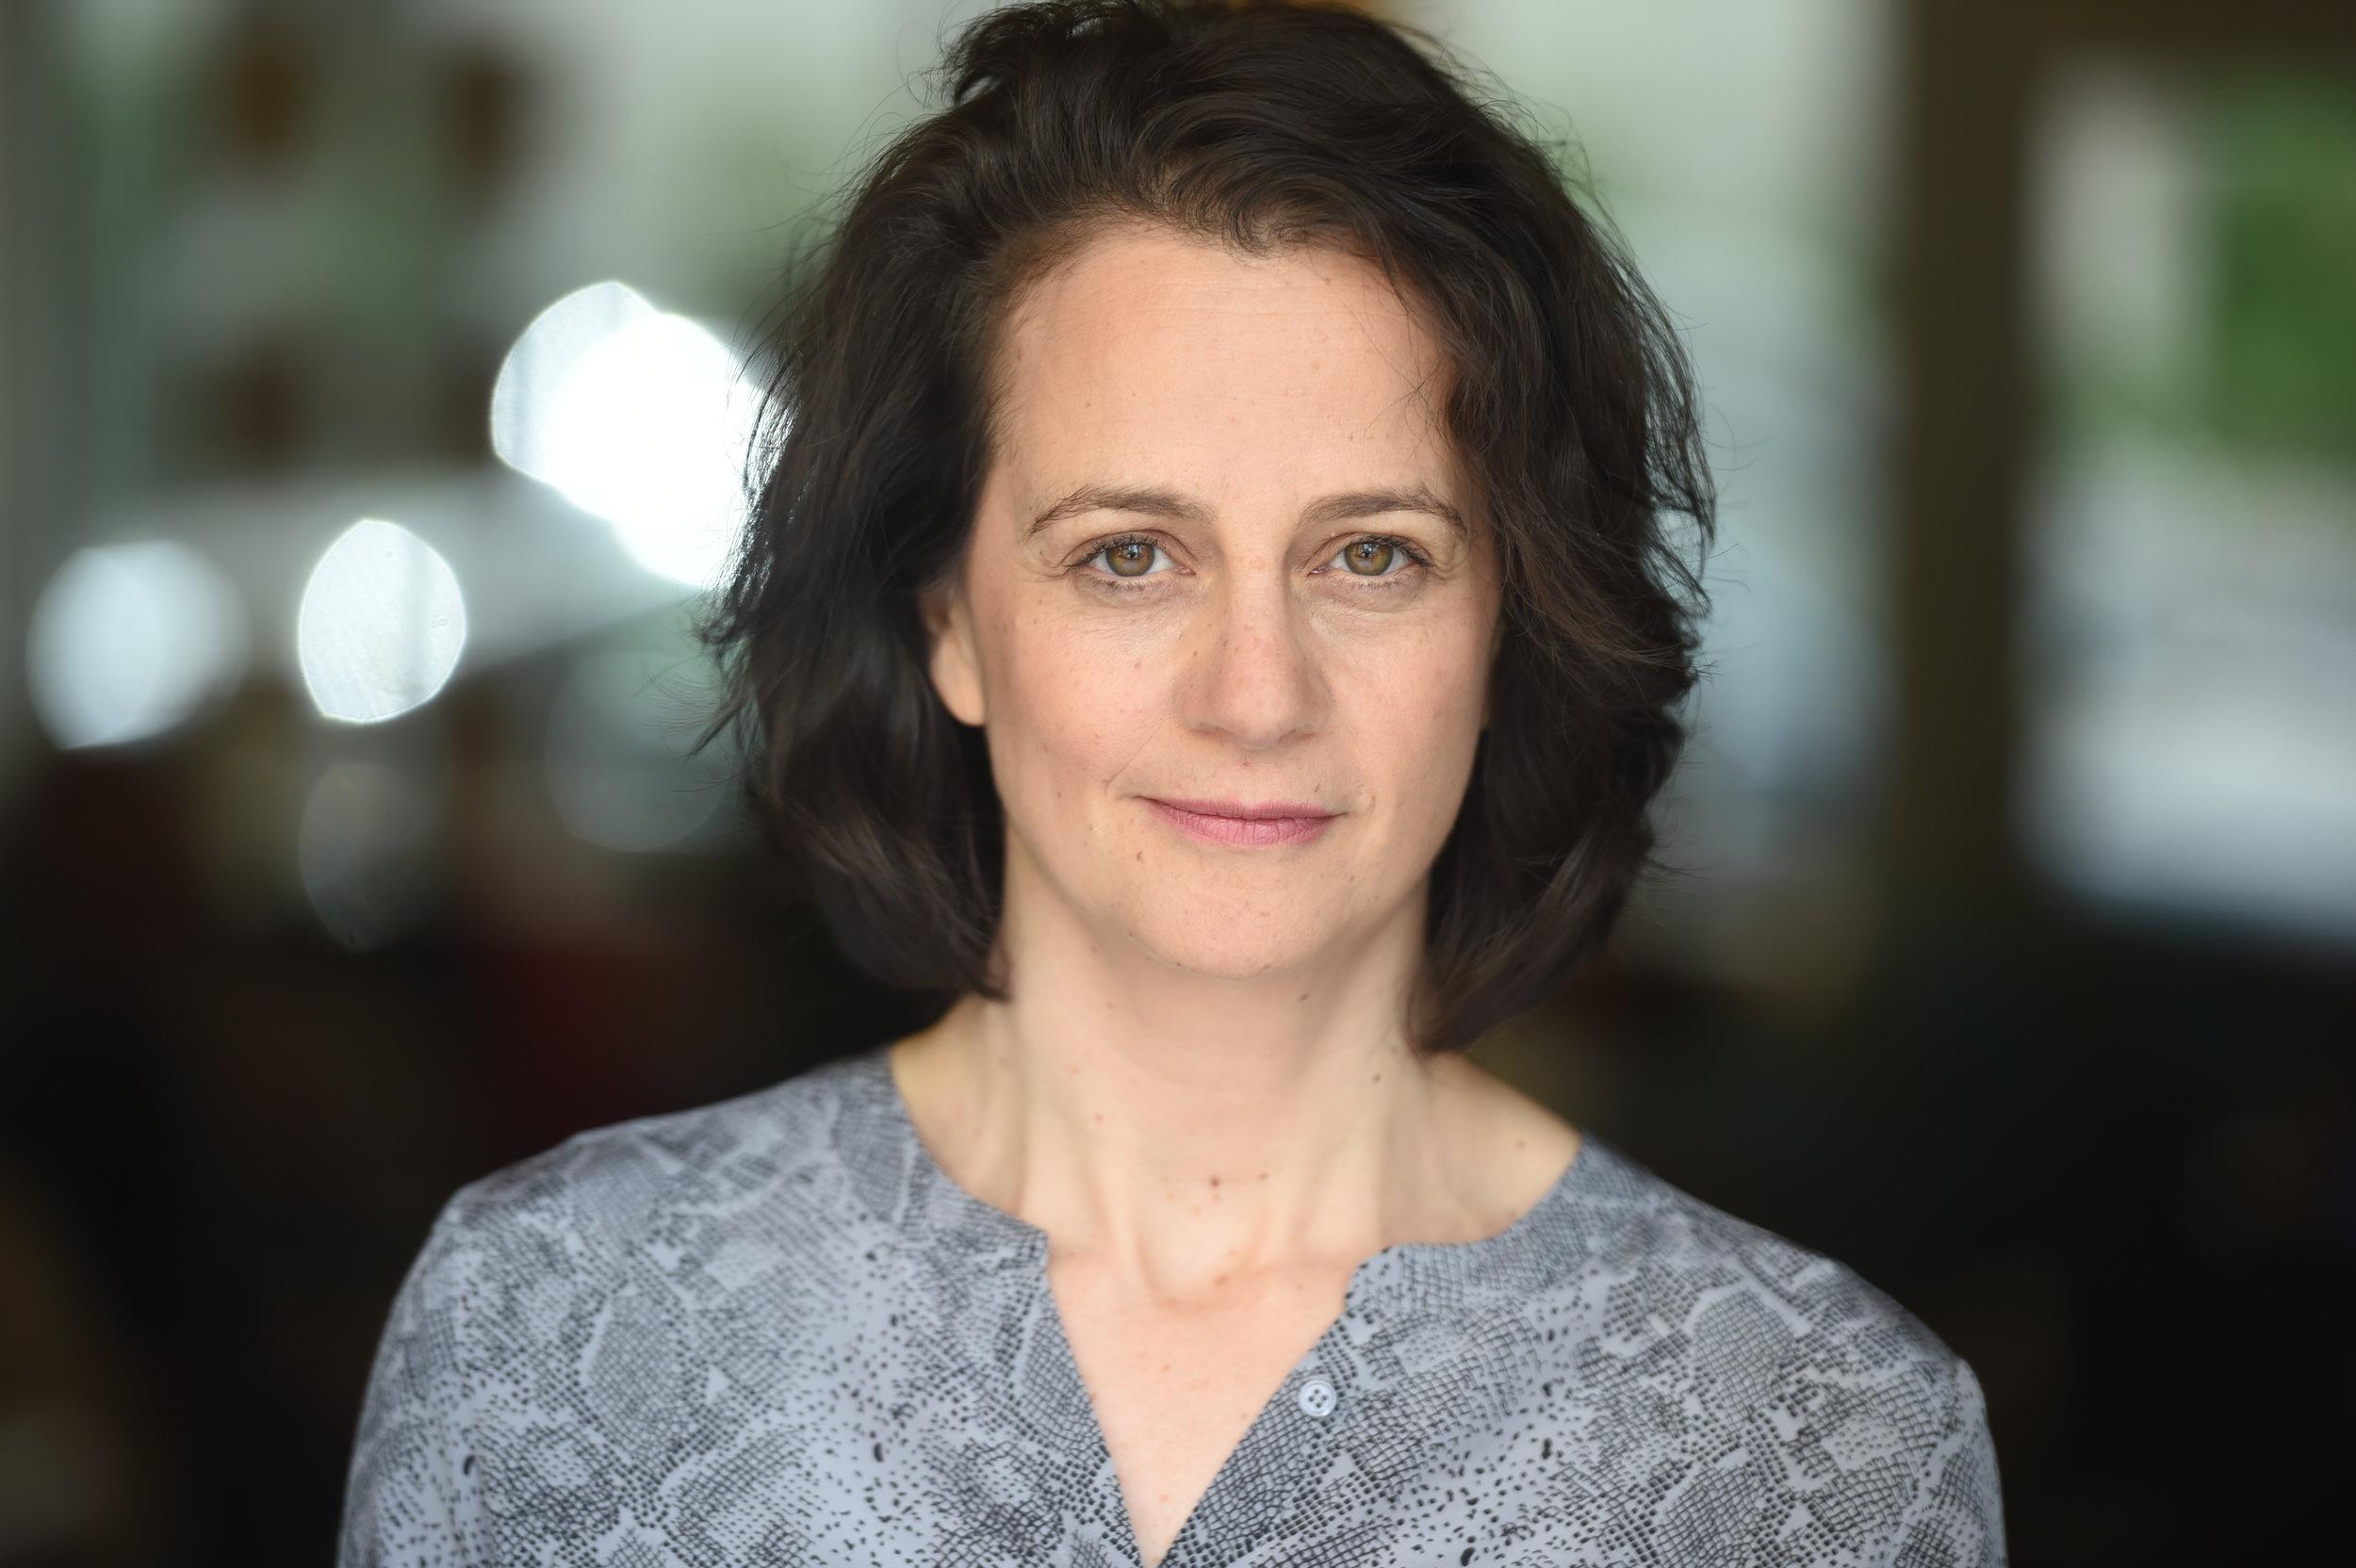 Dr. Elizabeth Berne DeGear | Photo by Jordan Matter